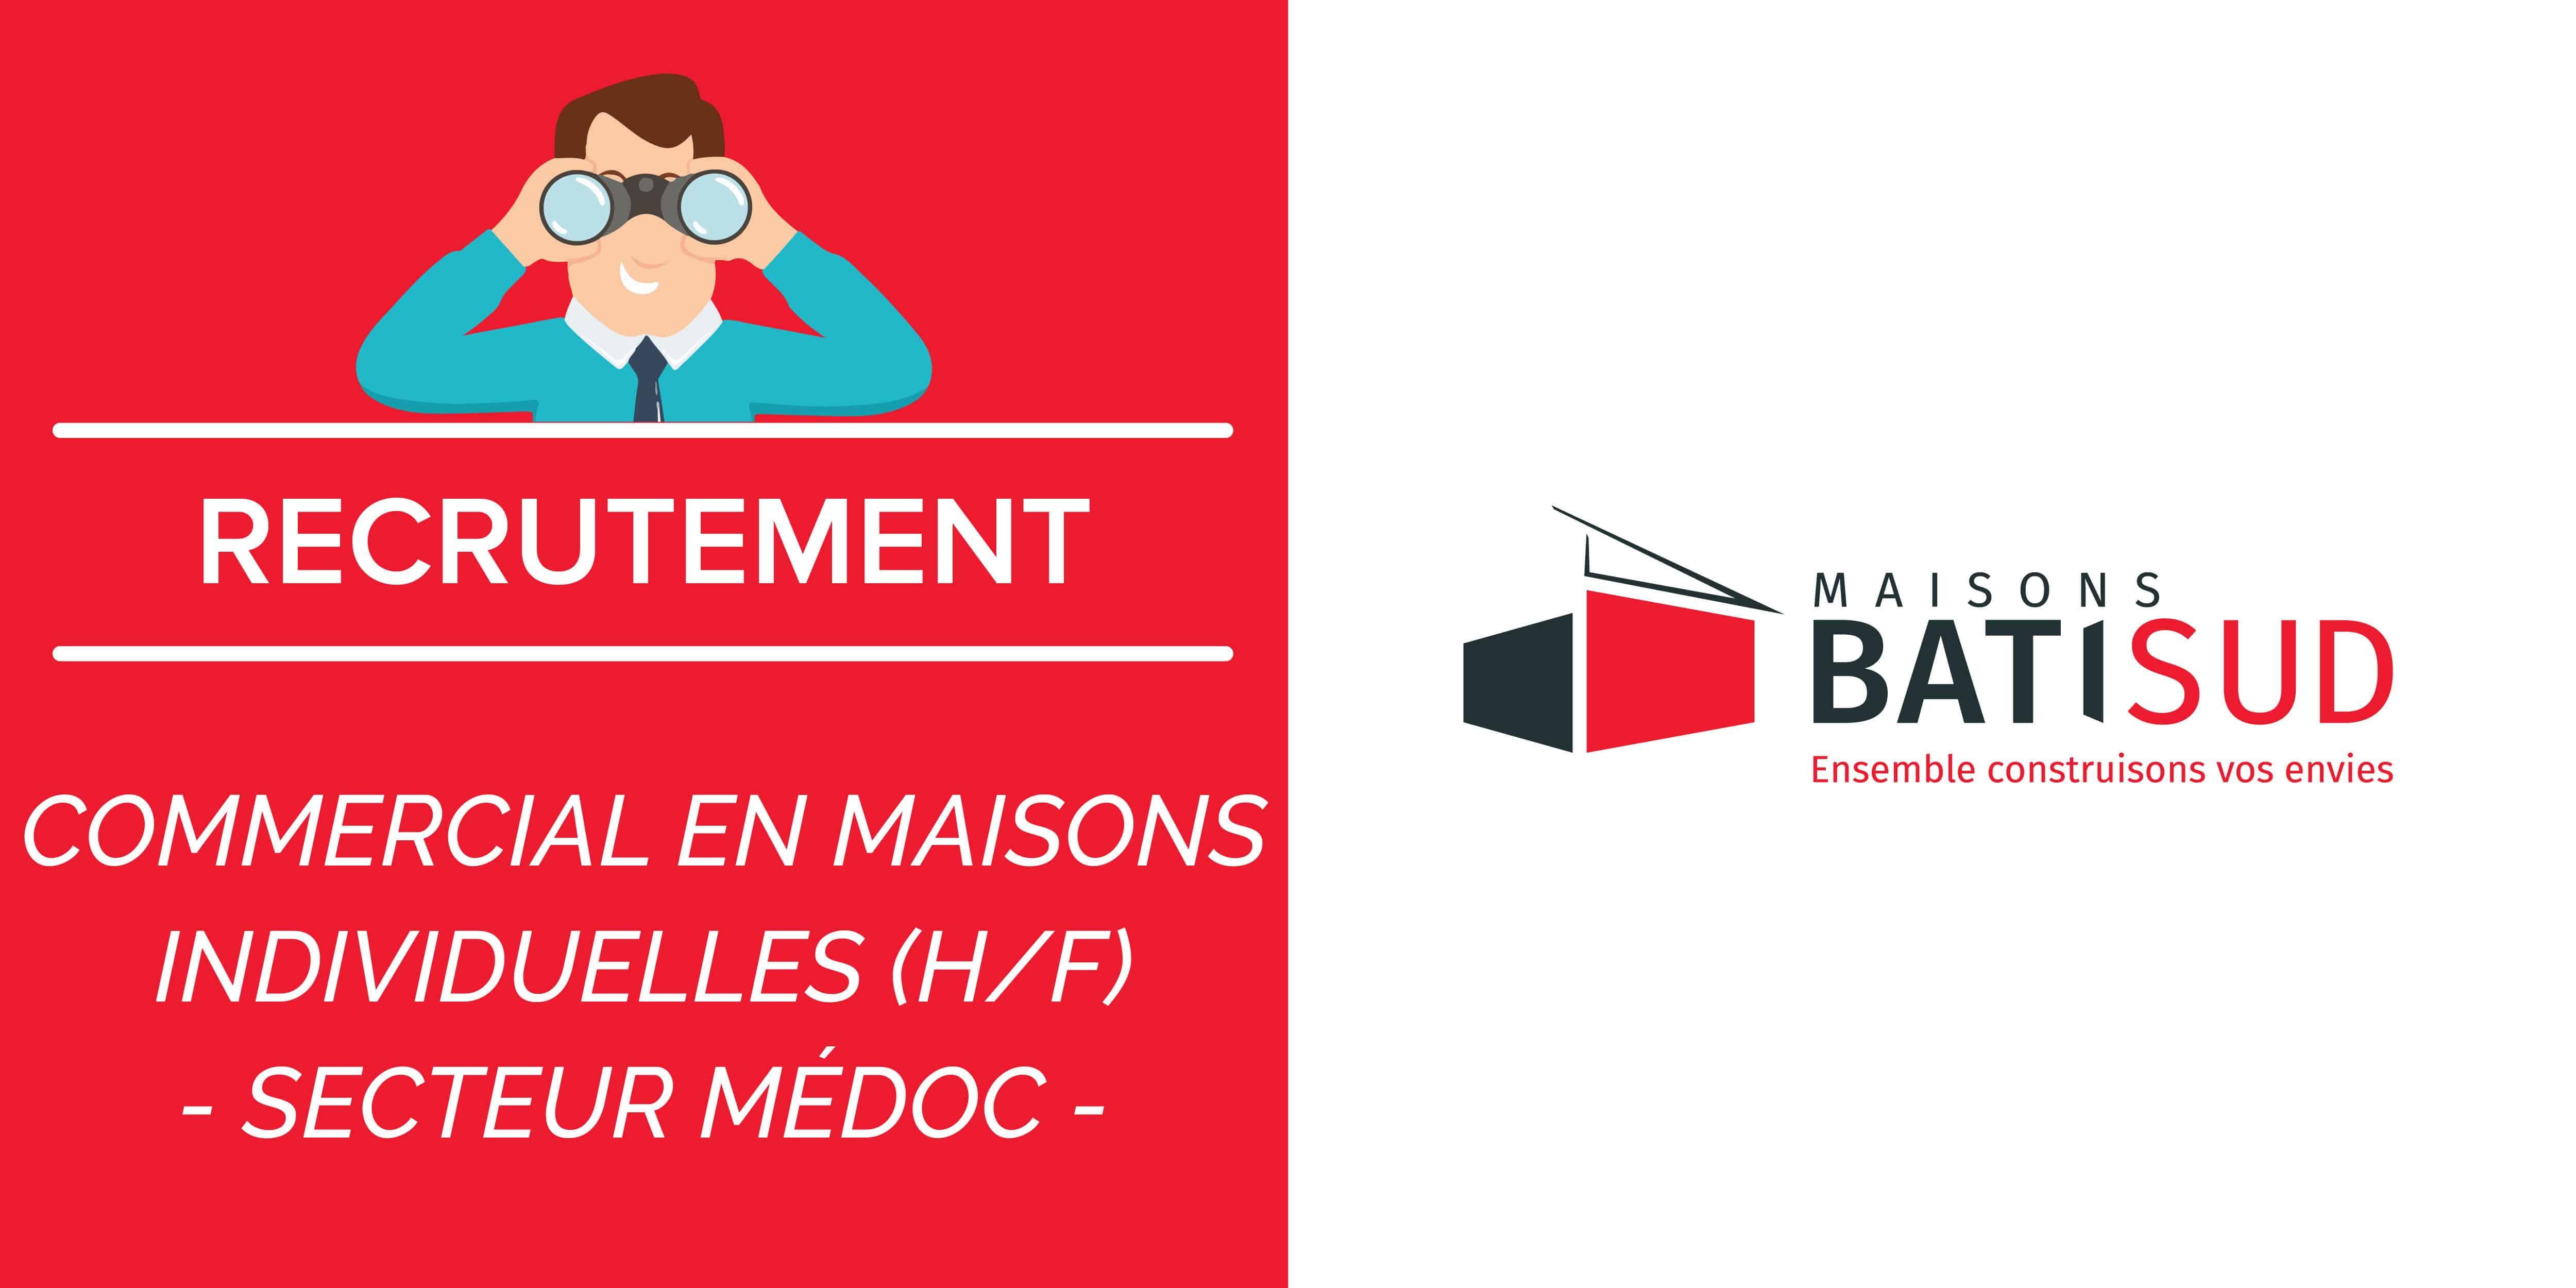 MAISONS BATI SUD recrute ! Nous recherchons un(e) COMMERCIAL(E) EN MAISONS INDIVIDUELLES, secteur Médoc